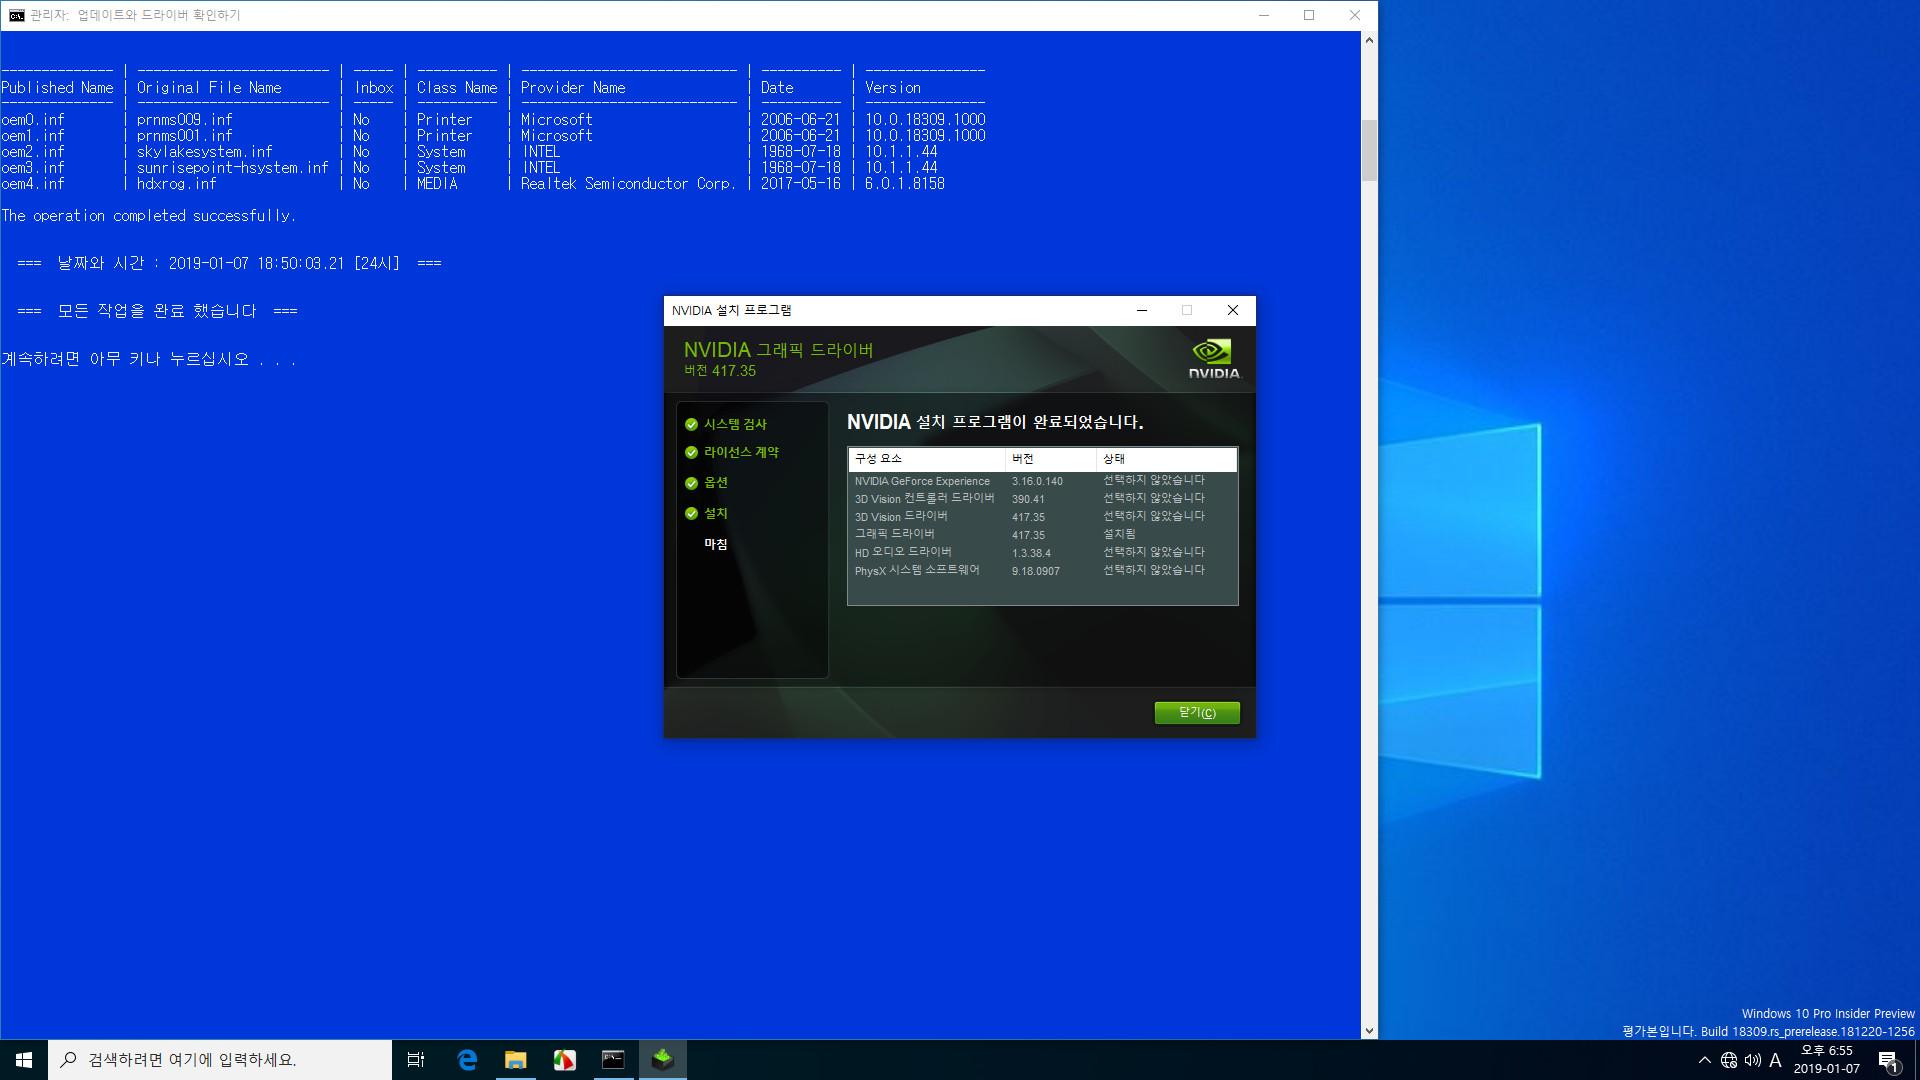 윈도10 19H1 인사이더 프리뷰 18309.1000 빌드 나왔네요 - 실컴에서 Windows Sandbox 테스트 - 어떤 드라이버가 충돌을 일으키는지 확인 테스트4 [윈도에 내장된 랜드라이버 제거] - 3번째 for 구문과 사용권한 획득으로 내장 랜 드라이버들 삭제 성공함 2019-01-07_185518.jpg